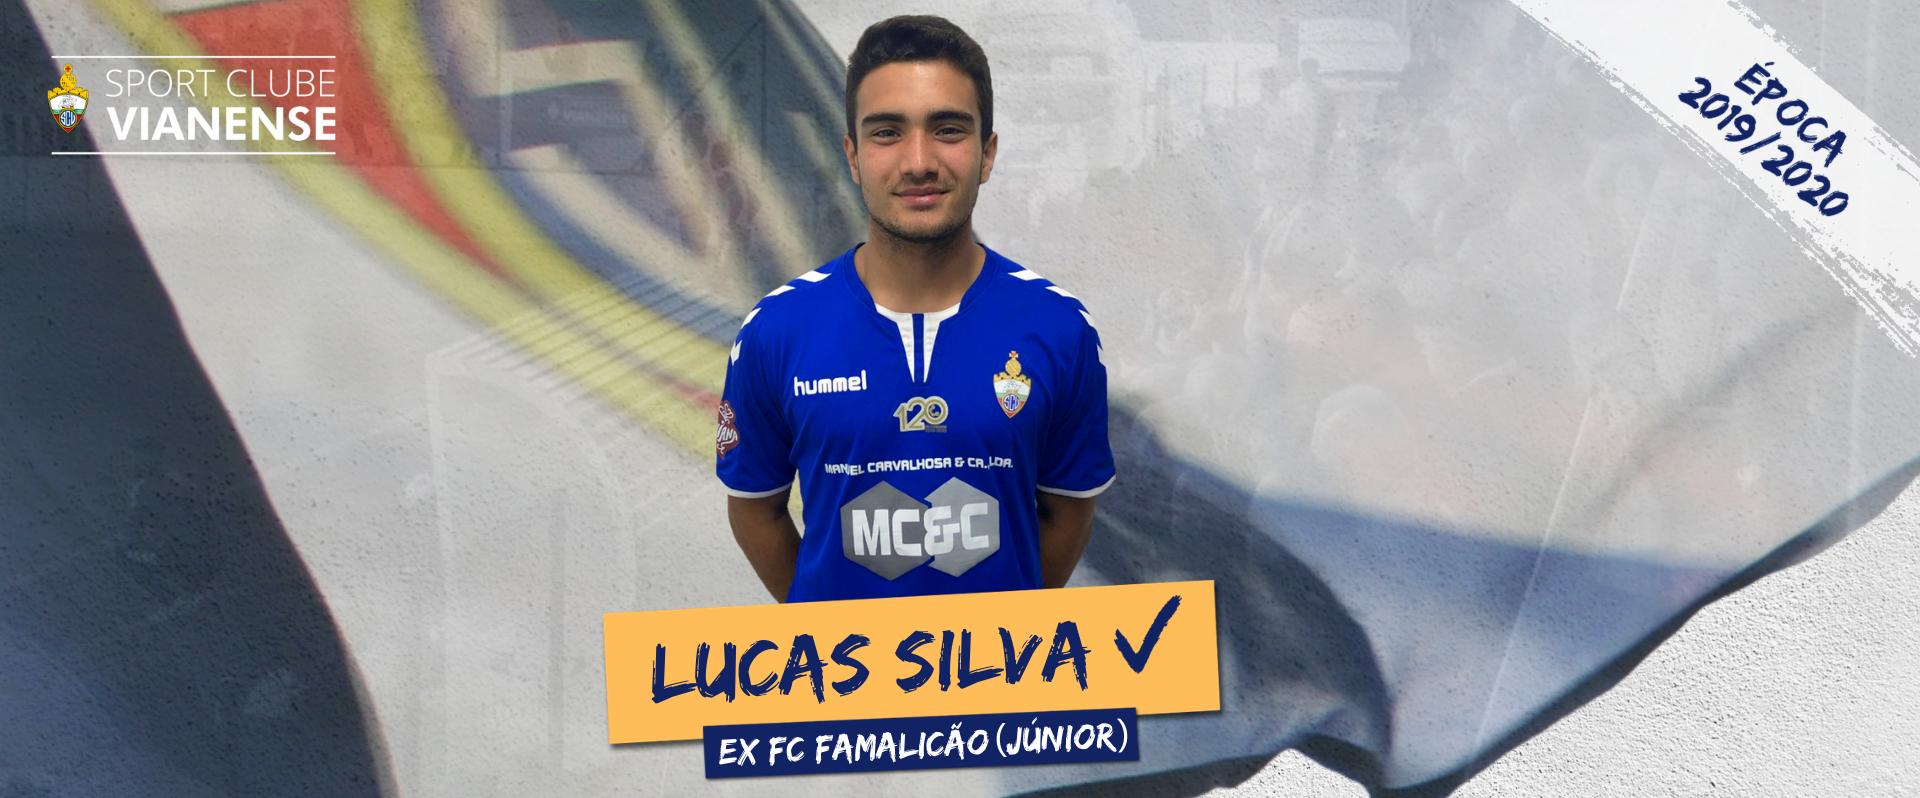 Lucas Silva regressa e vai fazer a pré-época com a equipa principal!